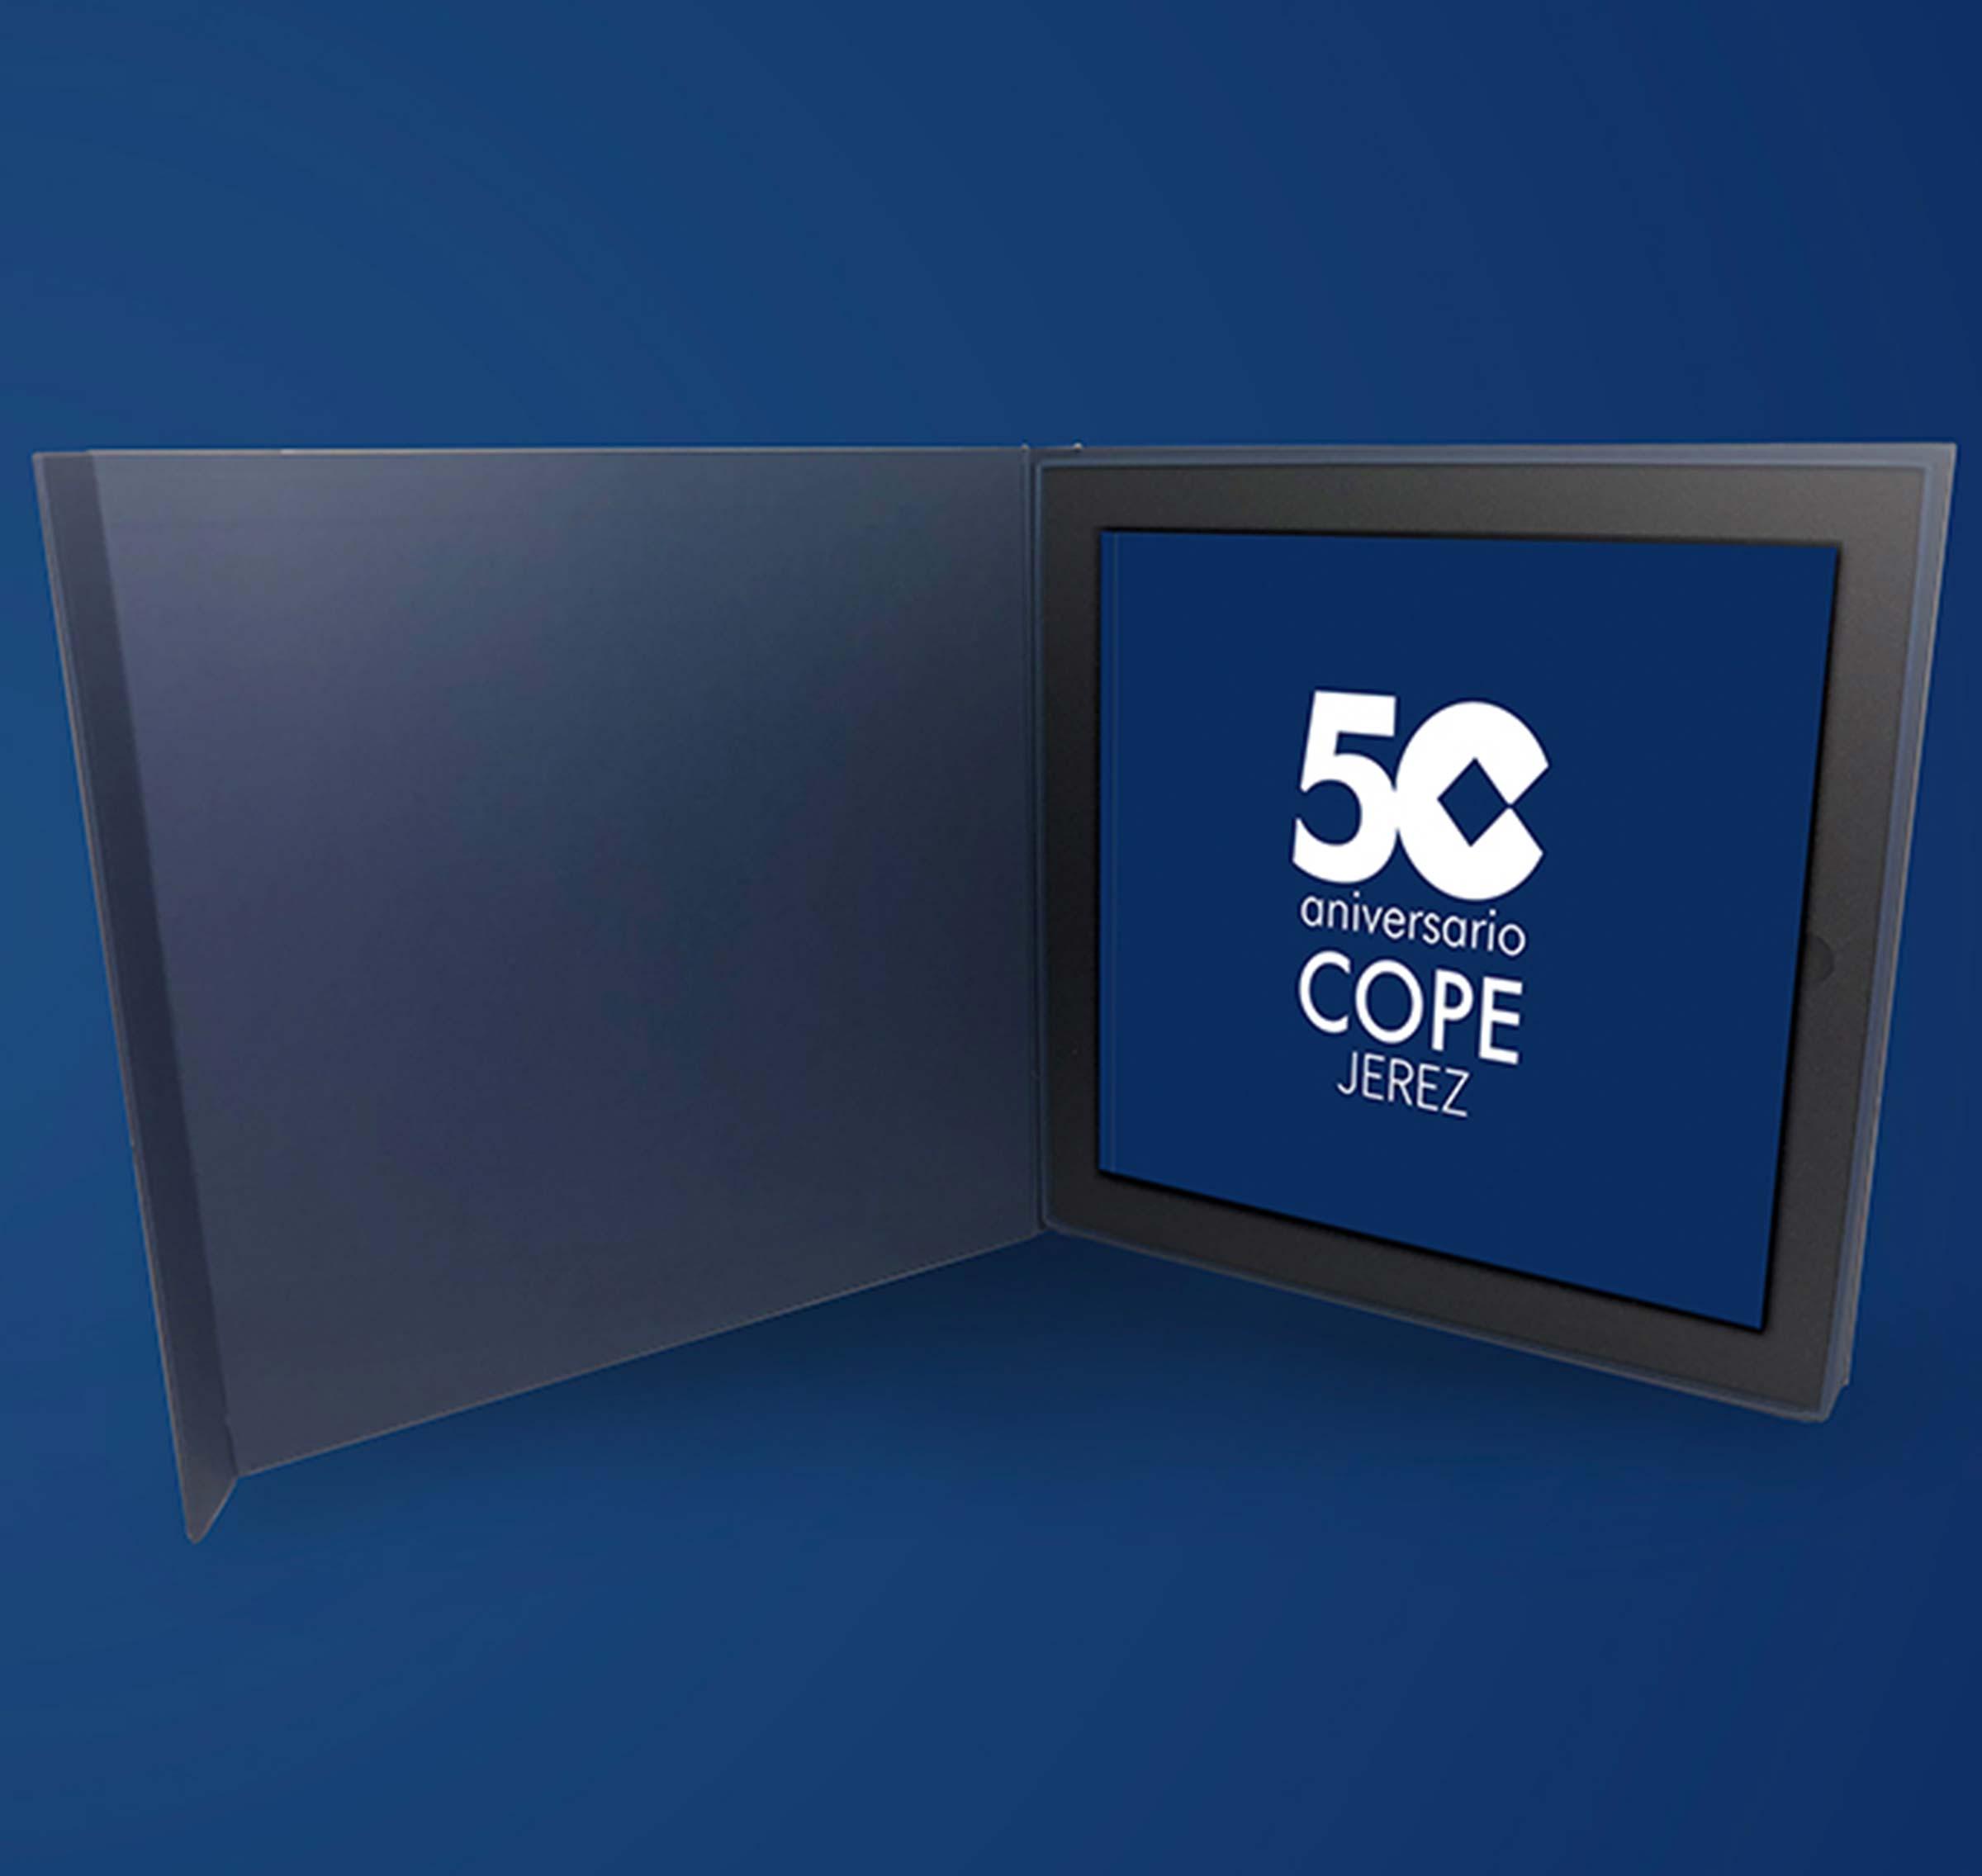 50 aniversario de La Cope